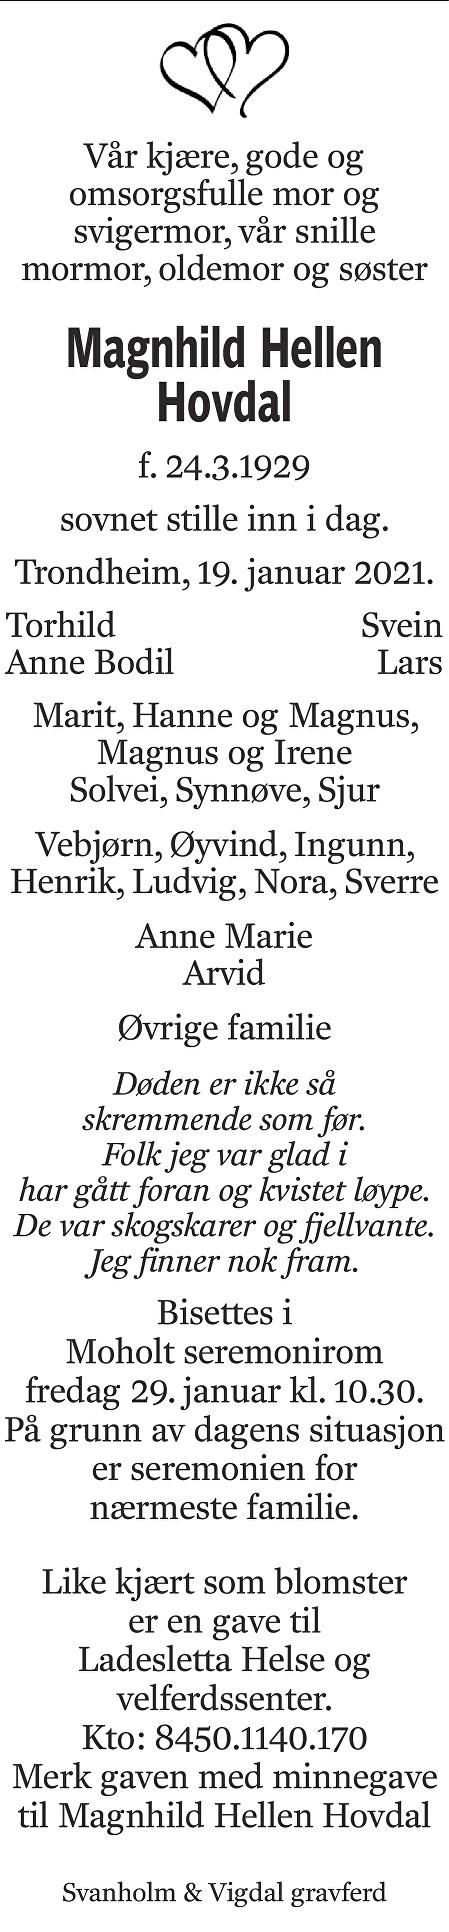 Magnhild Hellen Hovdal Dødsannonse